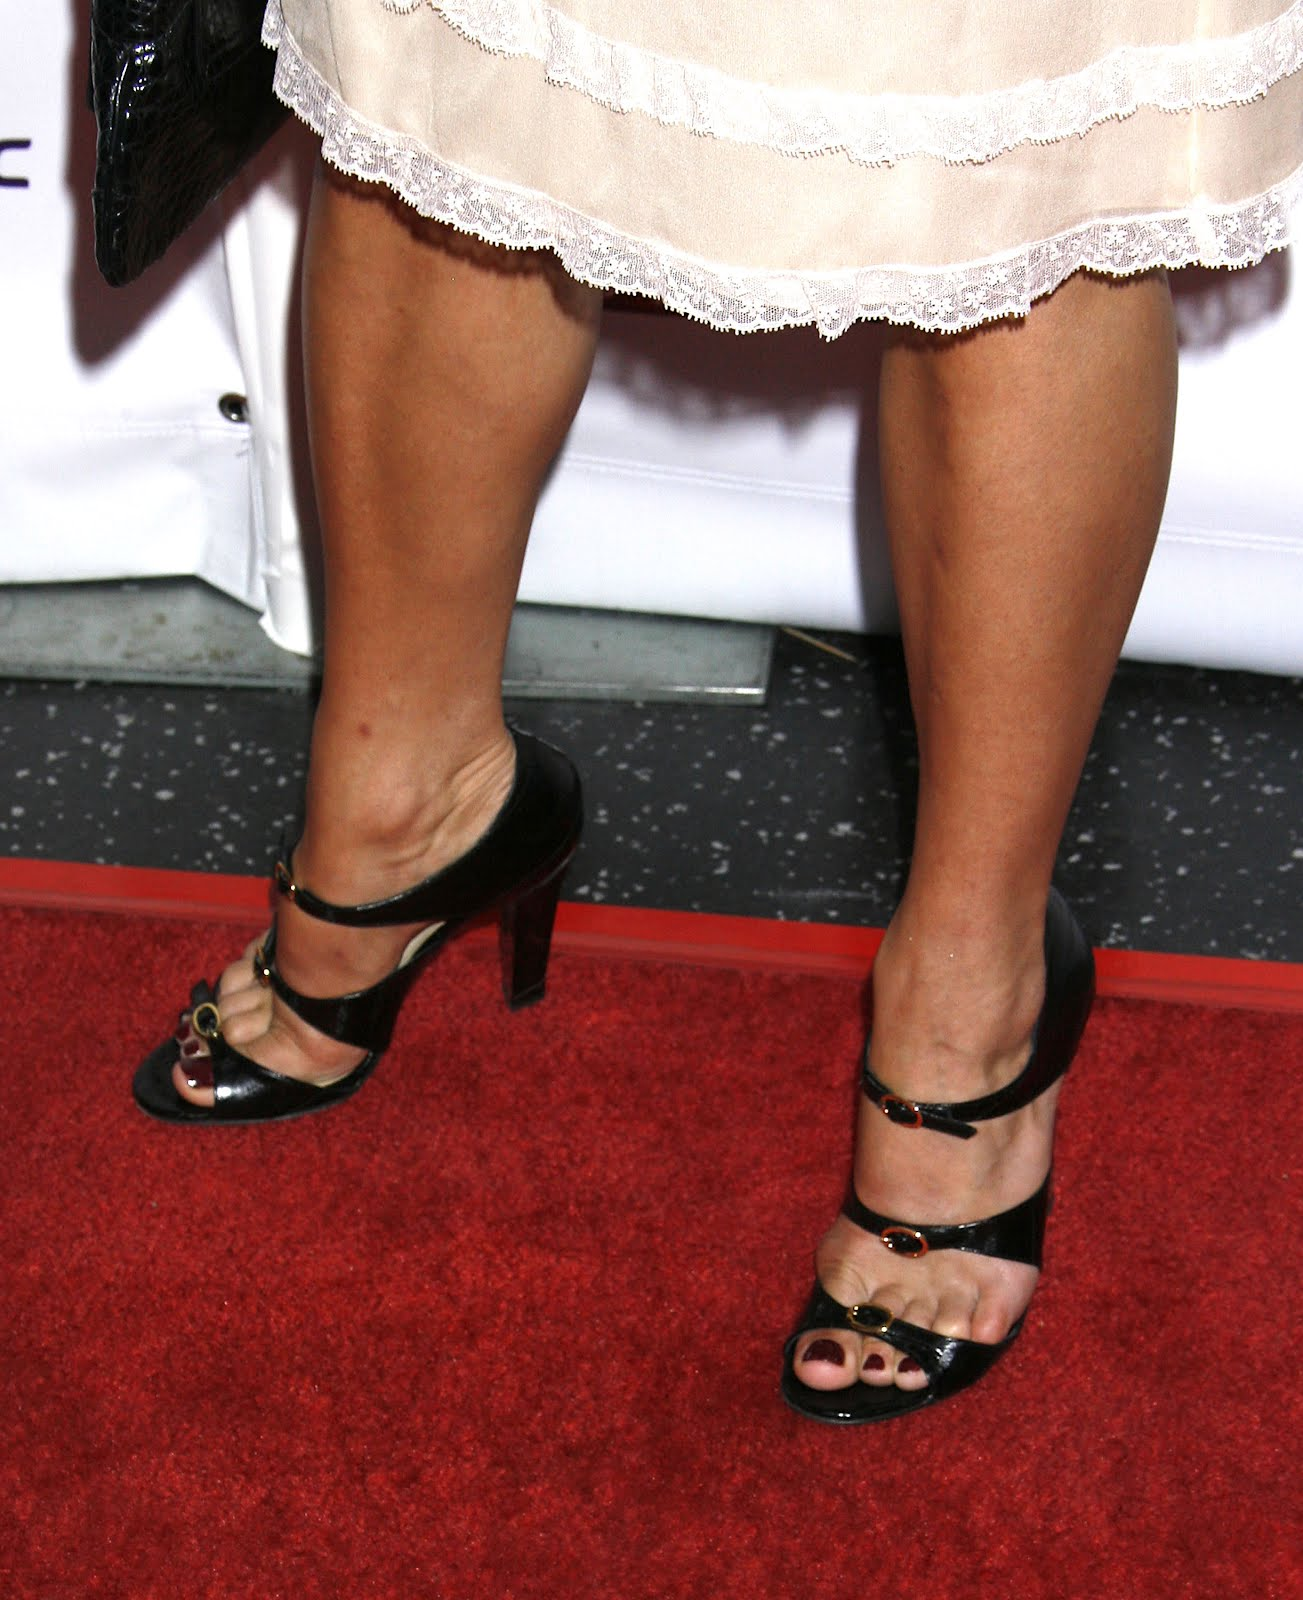 http://3.bp.blogspot.com/-kpx3ZJ2SElk/UFRMHkRWqCI/AAAAAAAAAjc/5QugbZpmiqw/s1600/Neve_Campbell_Feet_01.jpg